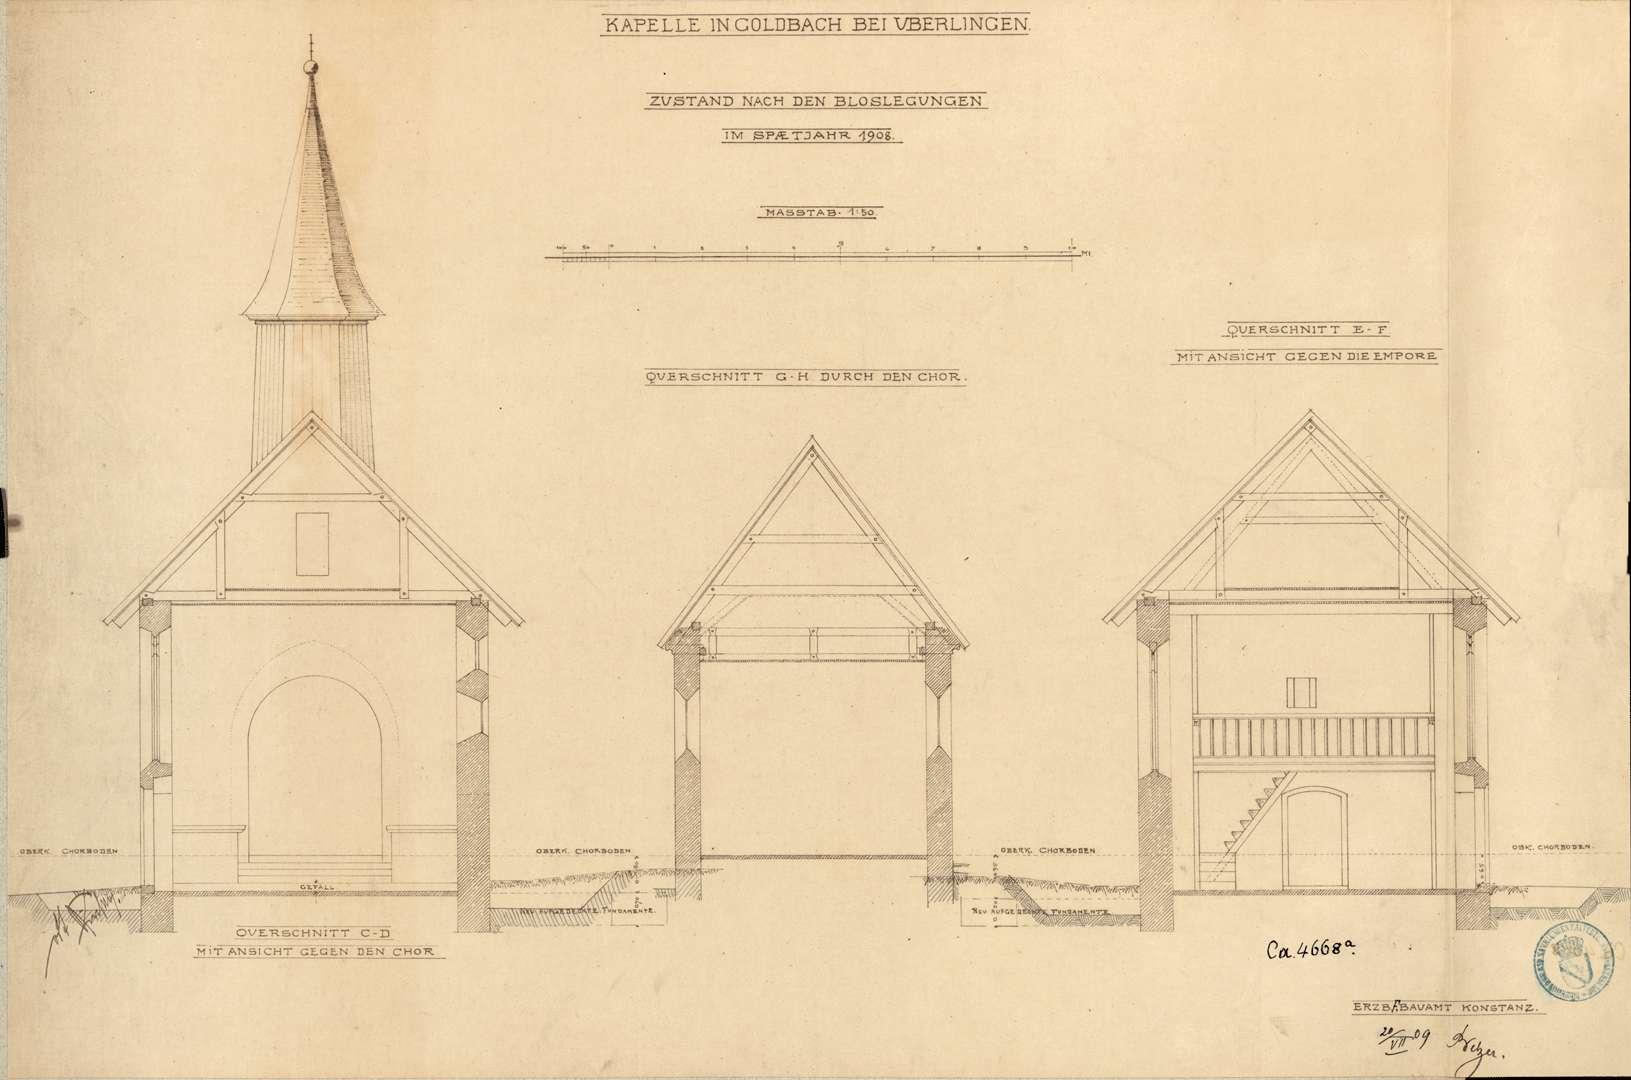 Goldbach St. Sylvester-Kapelle Querschnitt mit Ansicht gegen den Chor Querschnitt durch den Chor Querschnitt mit Ansicht gegen die Empore, Bild 1